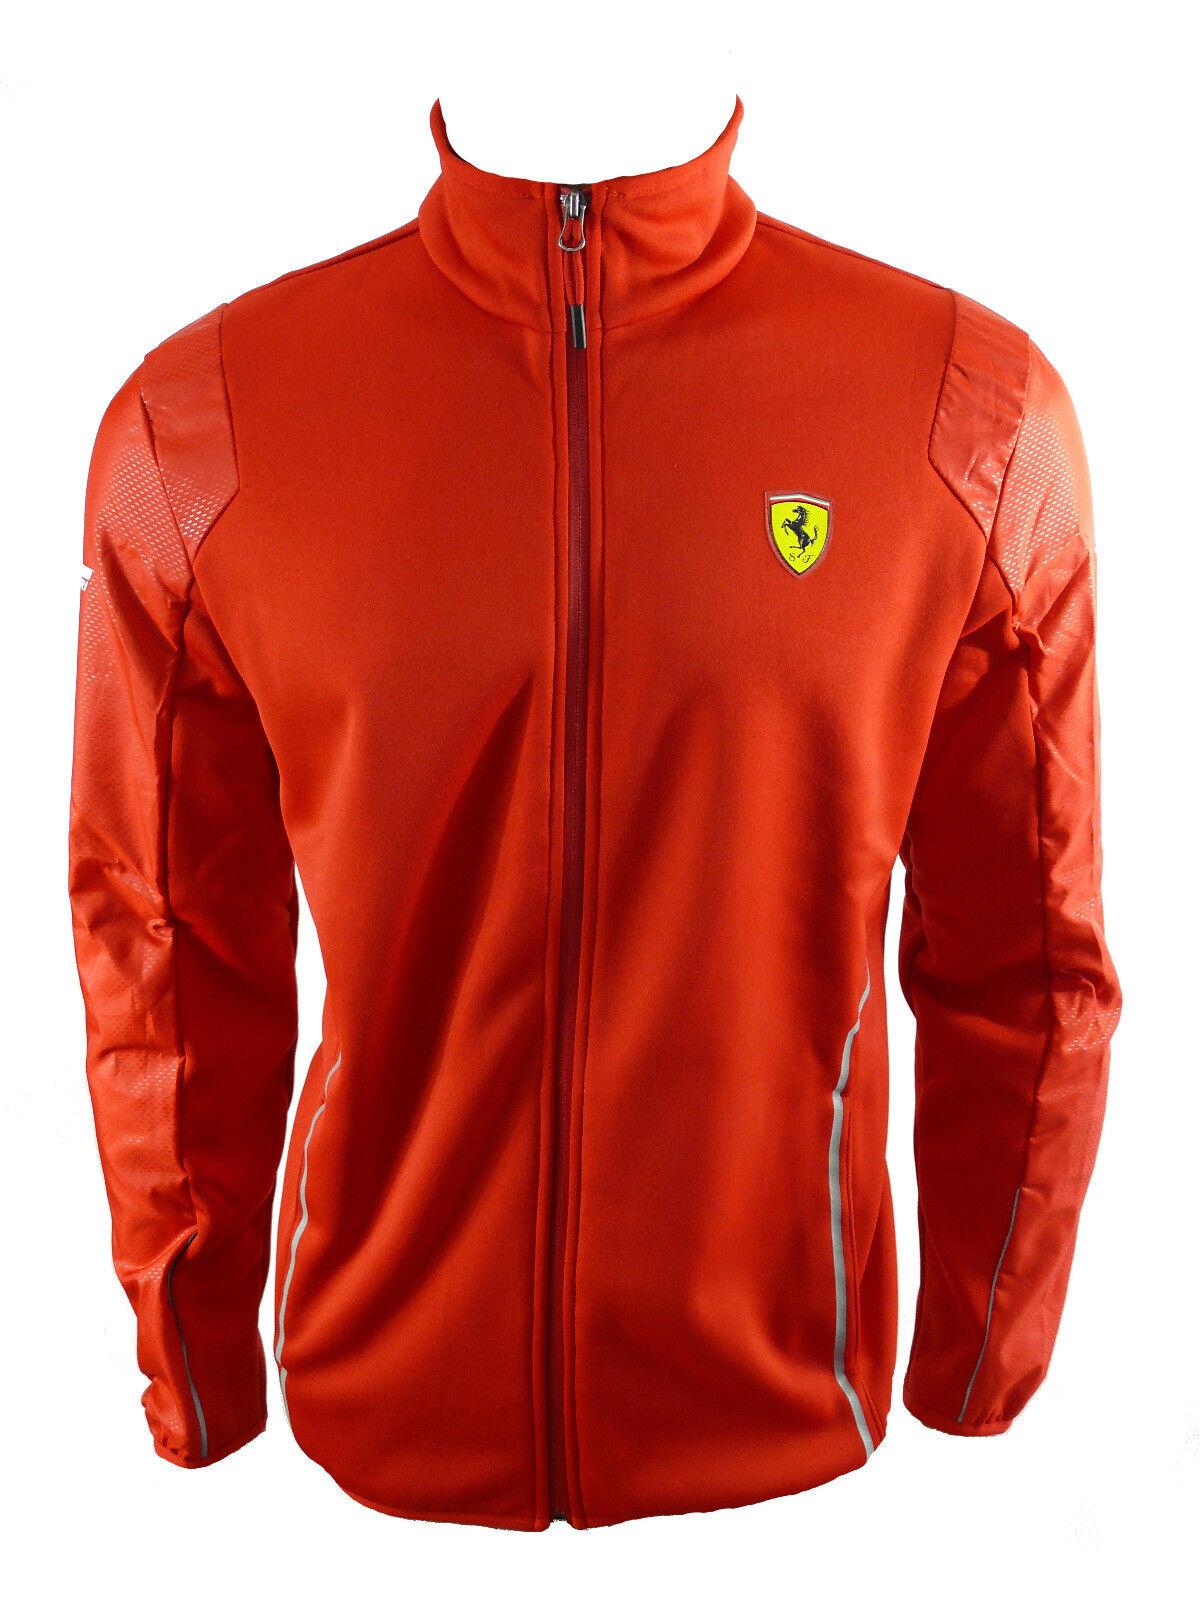 Puma Ferrari Softshell Jacket Sweater Jacket Red F1 Sz. XXL